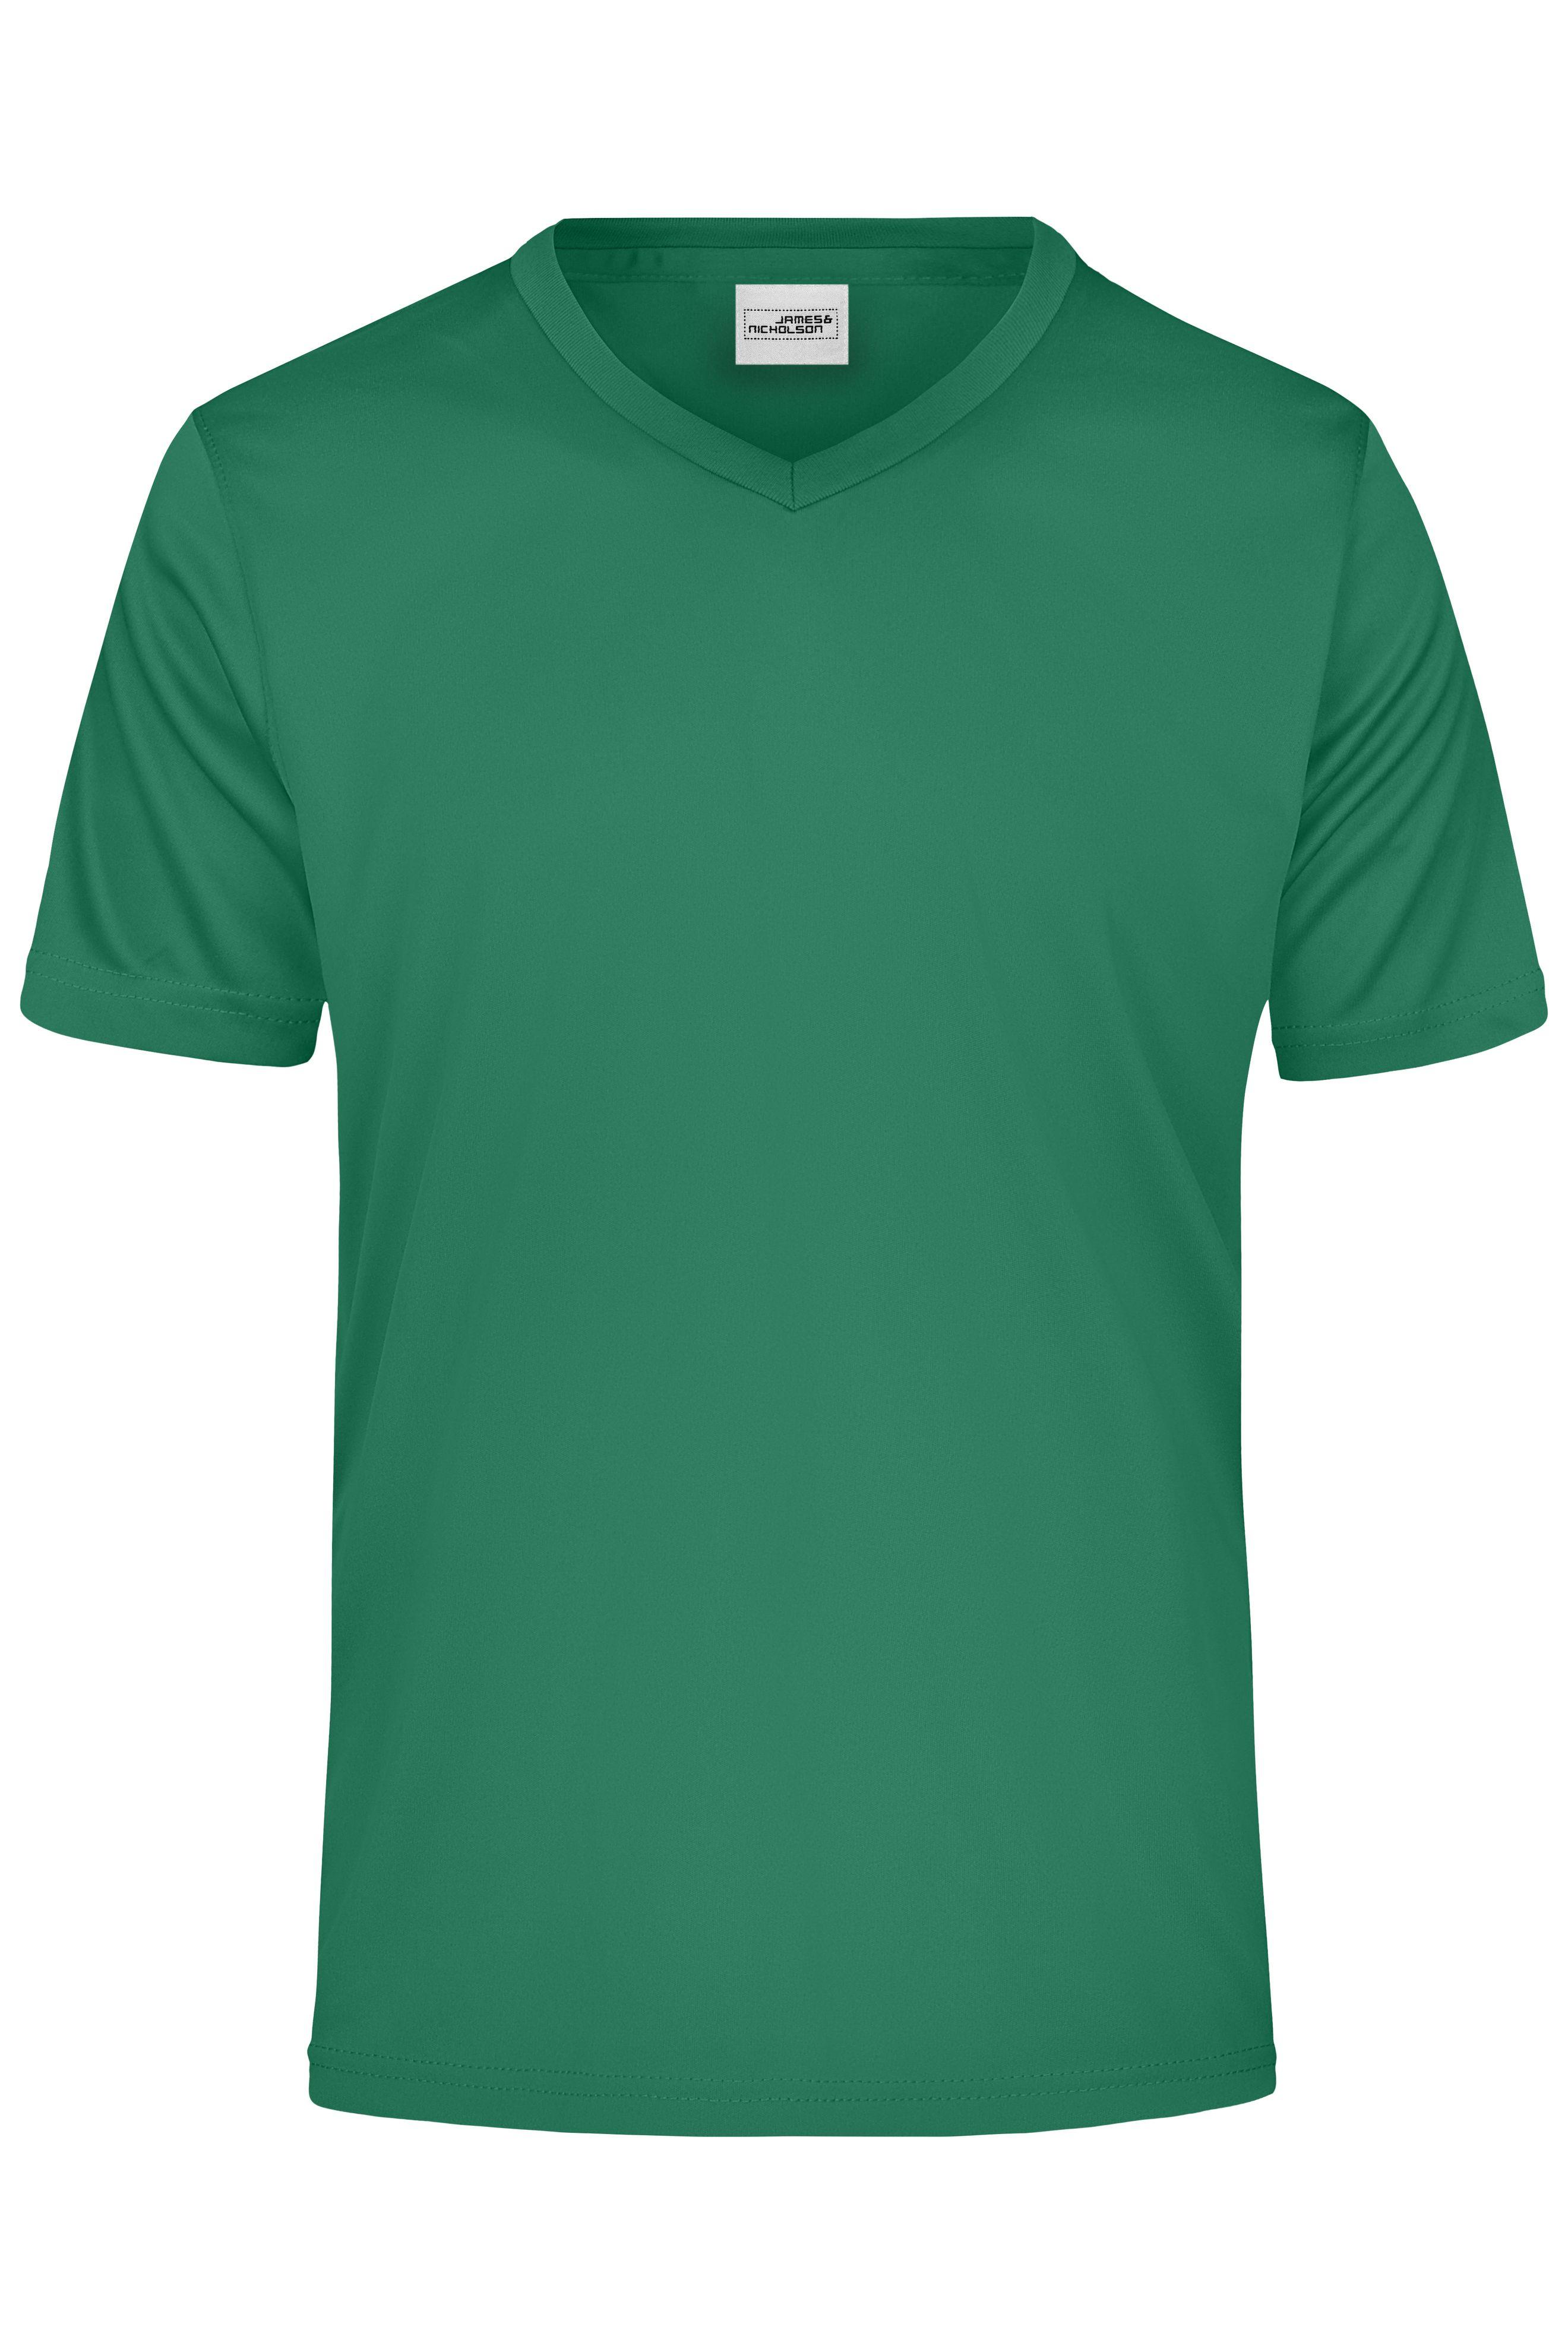 Funktions T-shirt für Freizeit und Sport